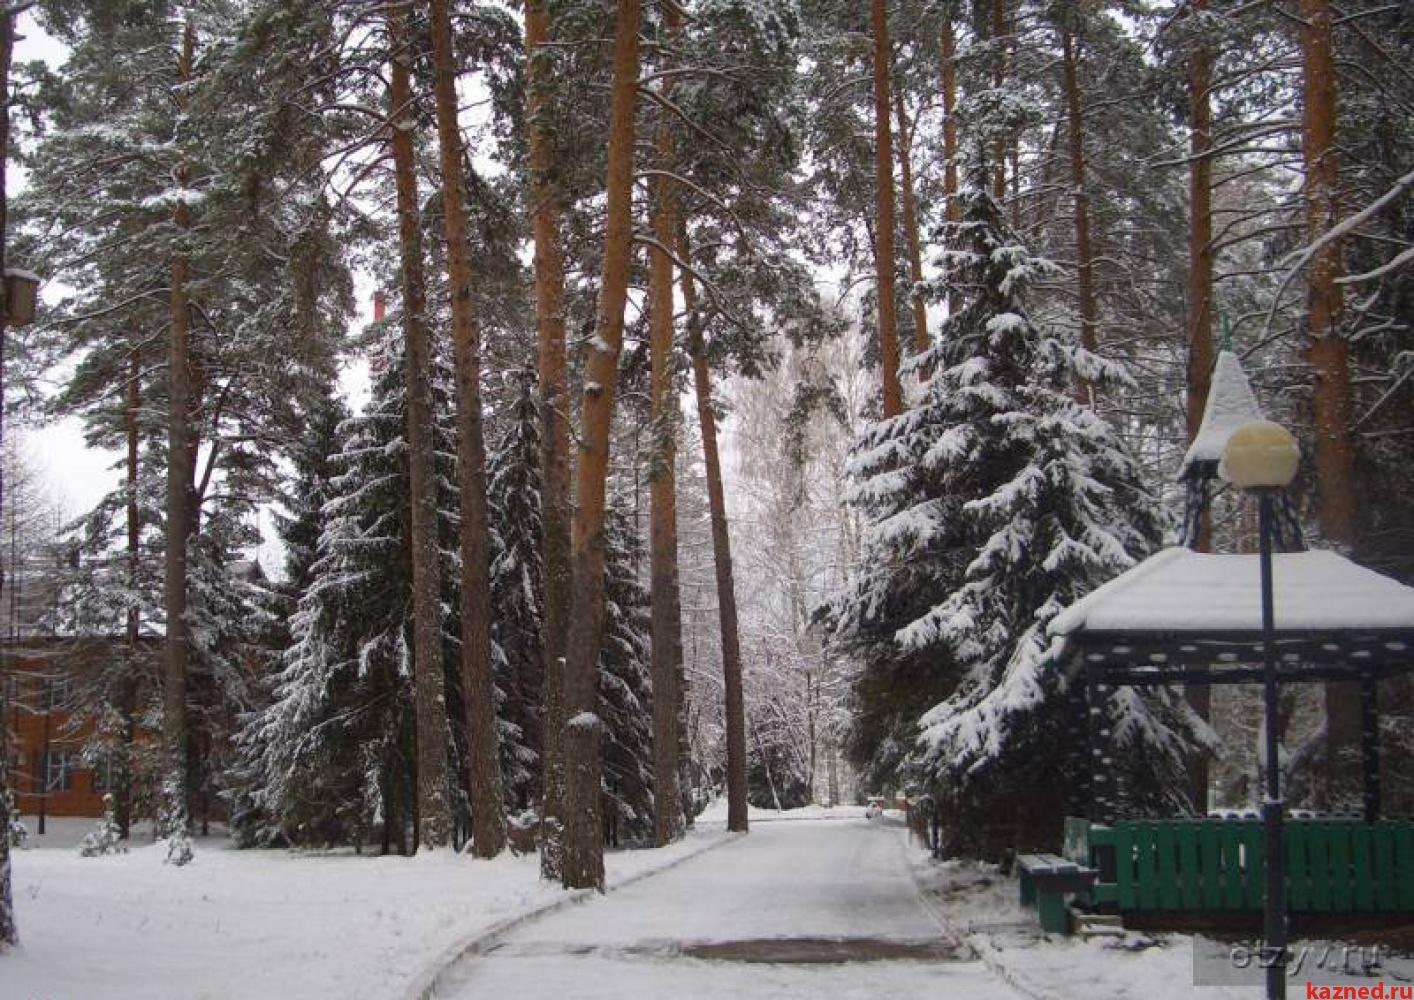 Земельный участок в поселке Васильево (20 км от Казани) в хвойном лесу (миниатюра №1)